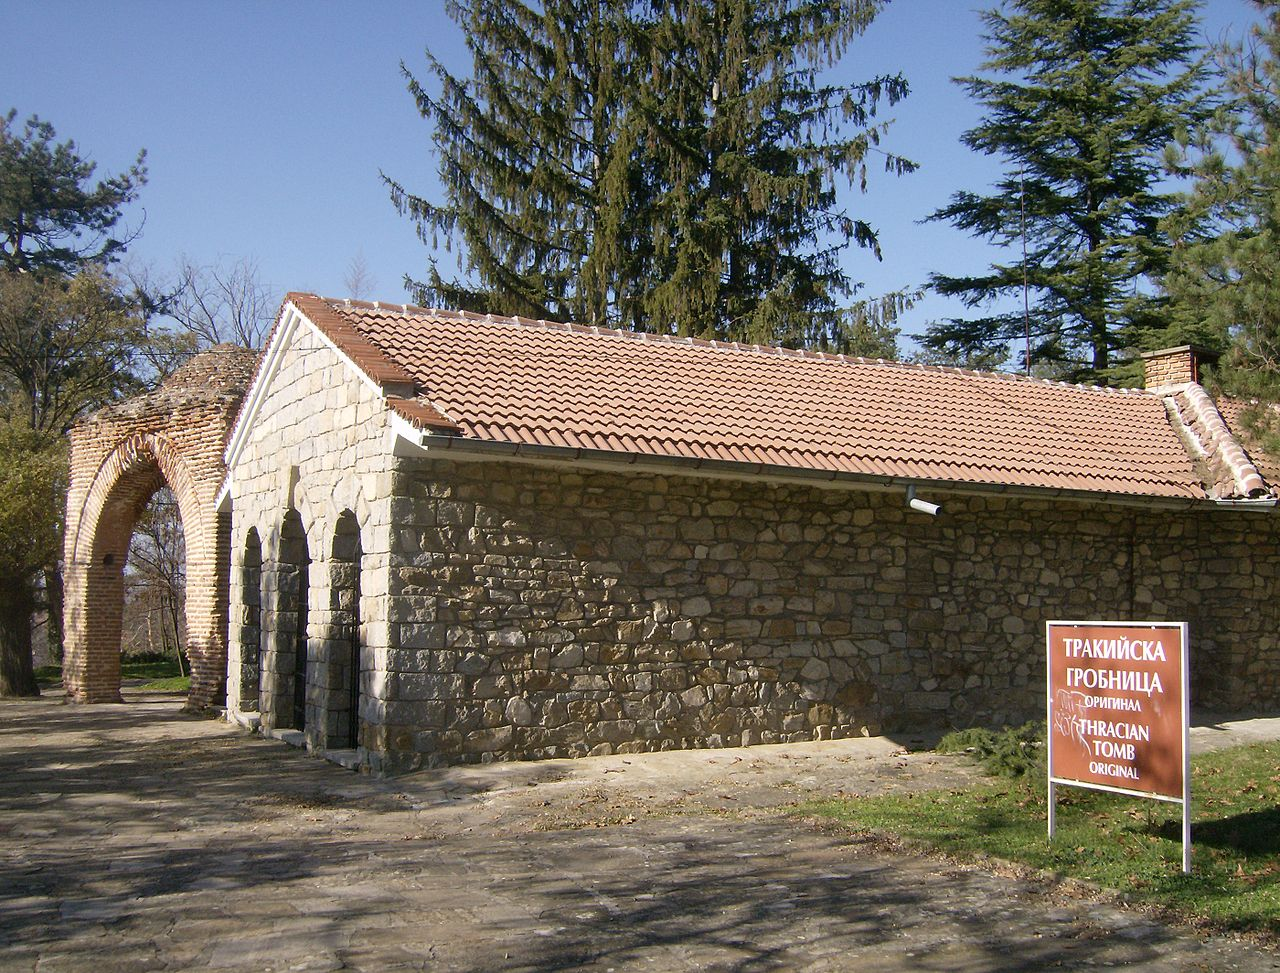 Фракийская гробница в Казанлыке, Болгария